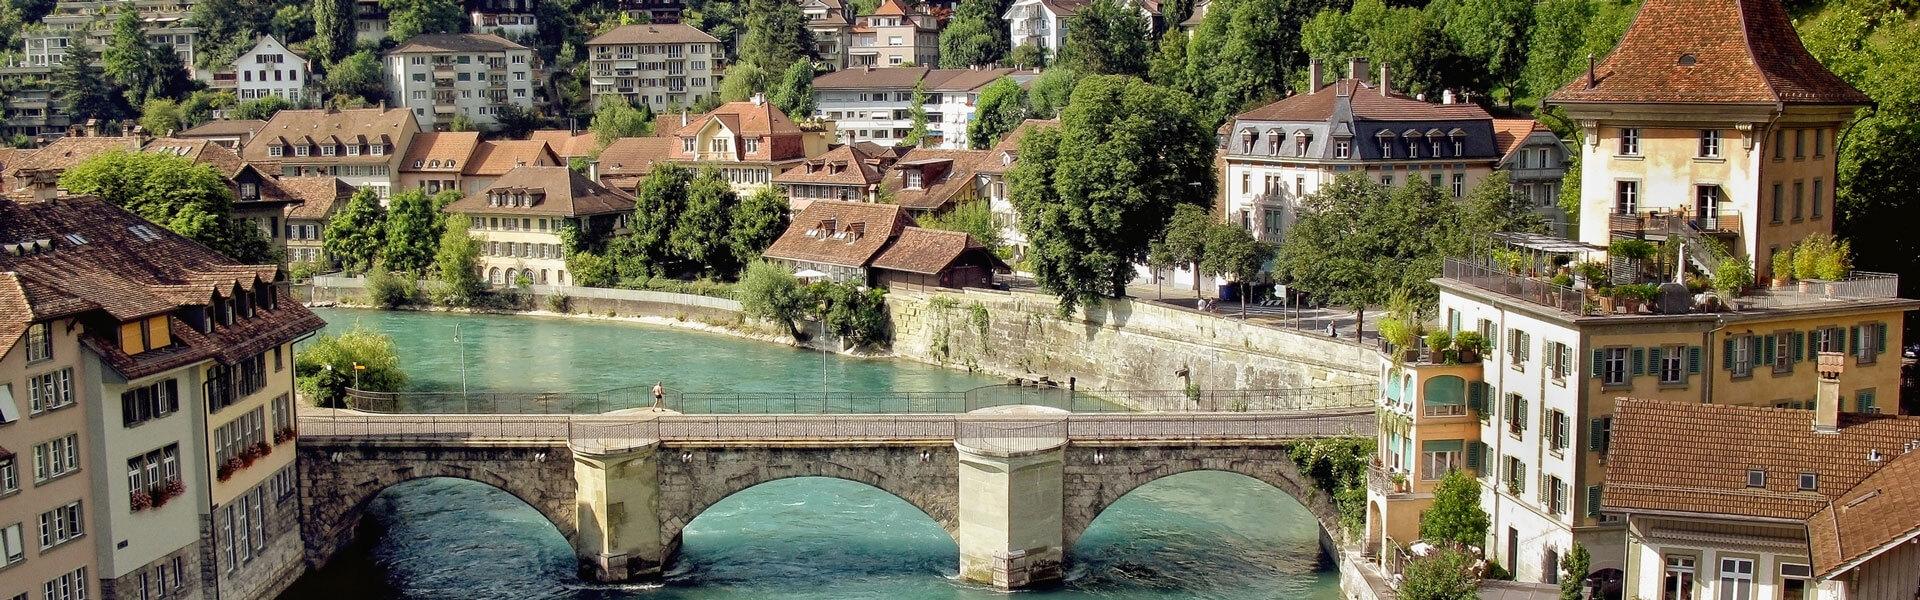 Im Schweizer Karton Bern die Aare und Altstadt kennenlernen